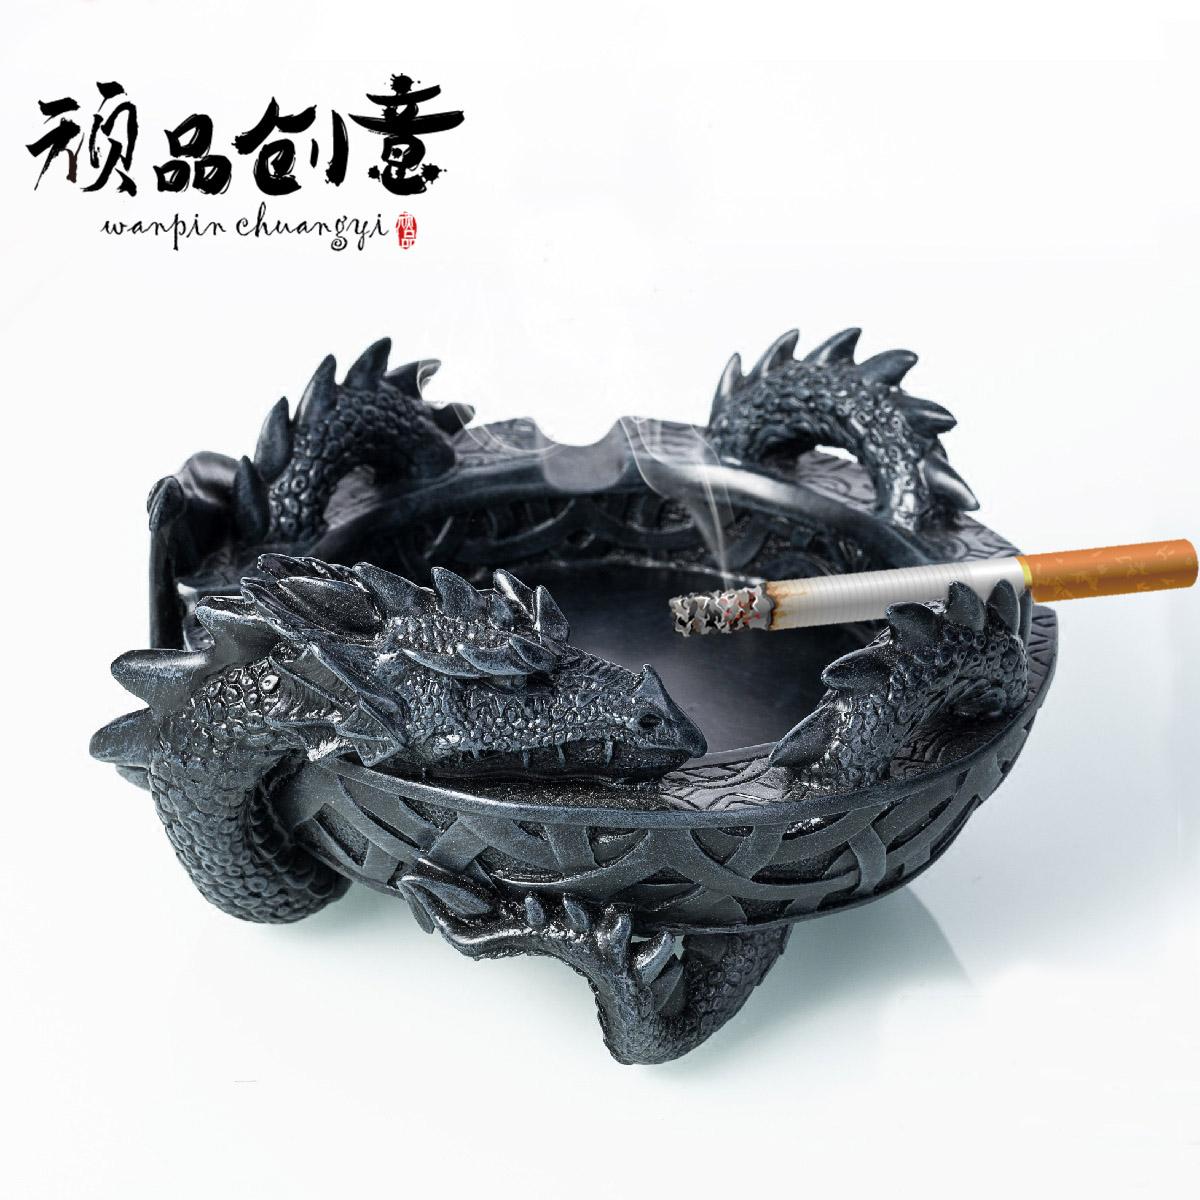 权利的游戏大号实用龙烟灰缸个性创意礼品送男友老爸时尚家居摆件